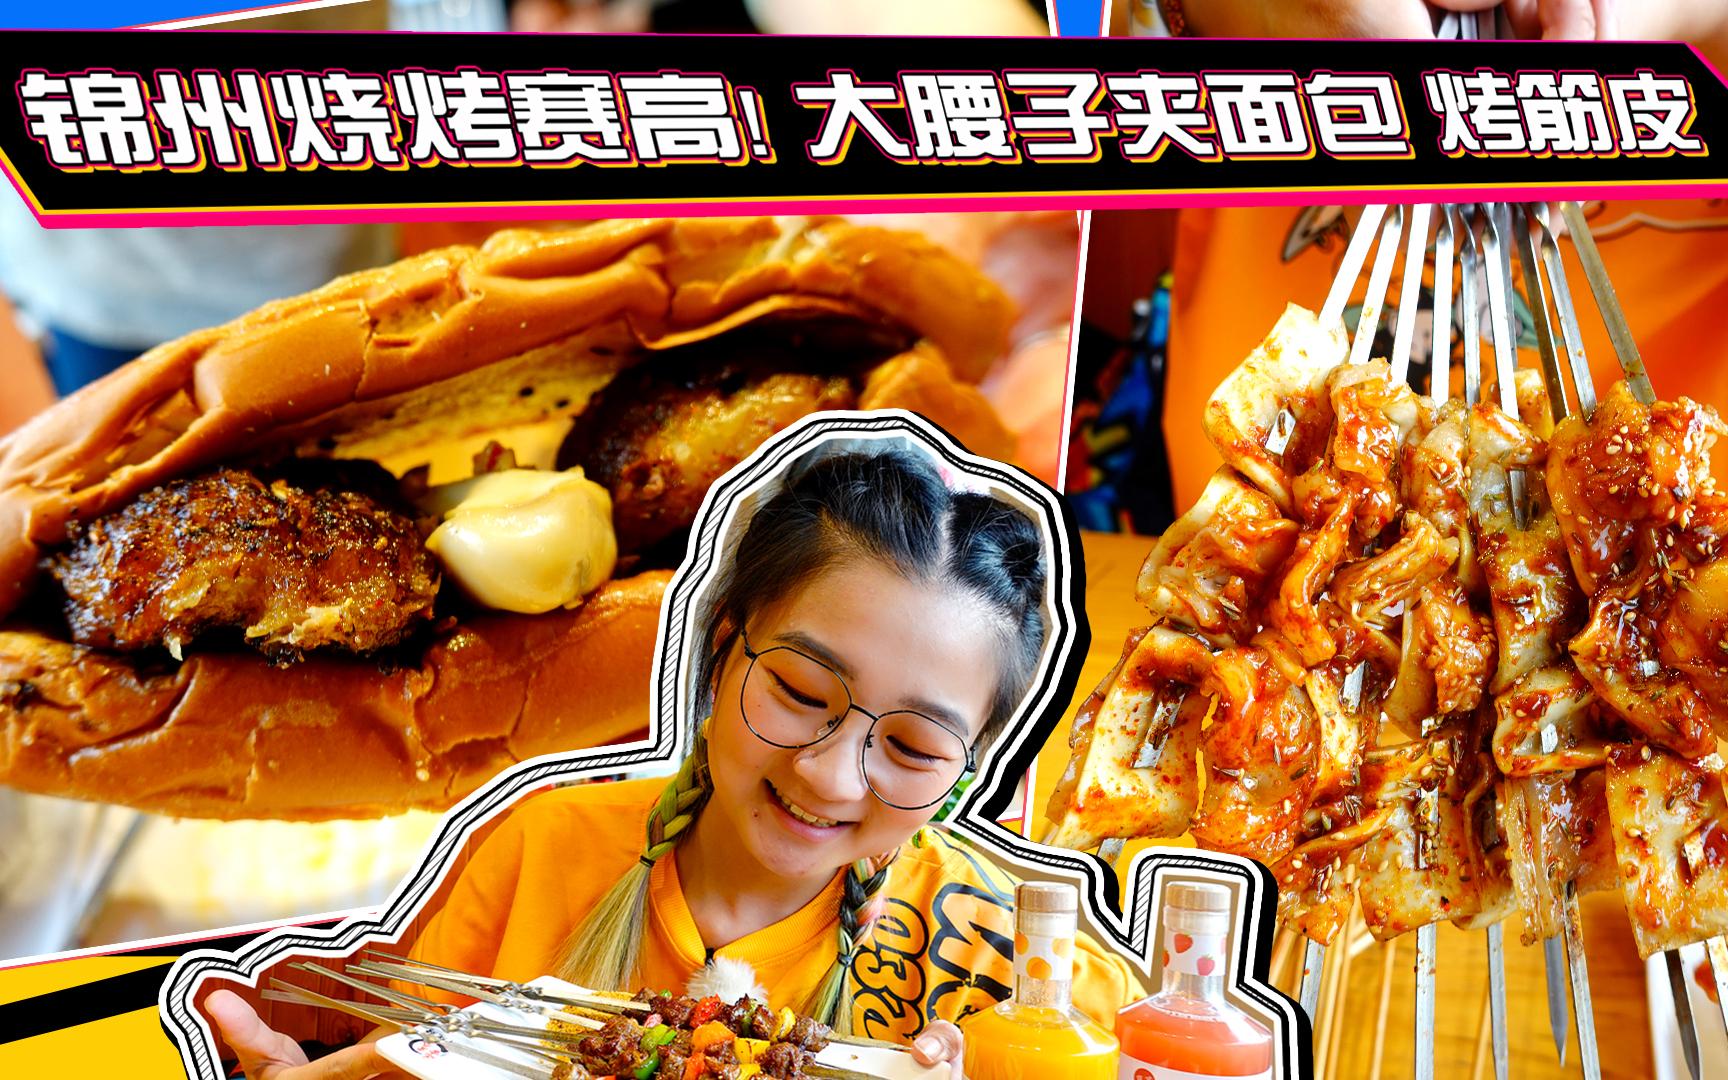 【逛吃北京】常去的锦州烧烤!烤面包夹大腰子,配上新到的草莓酒